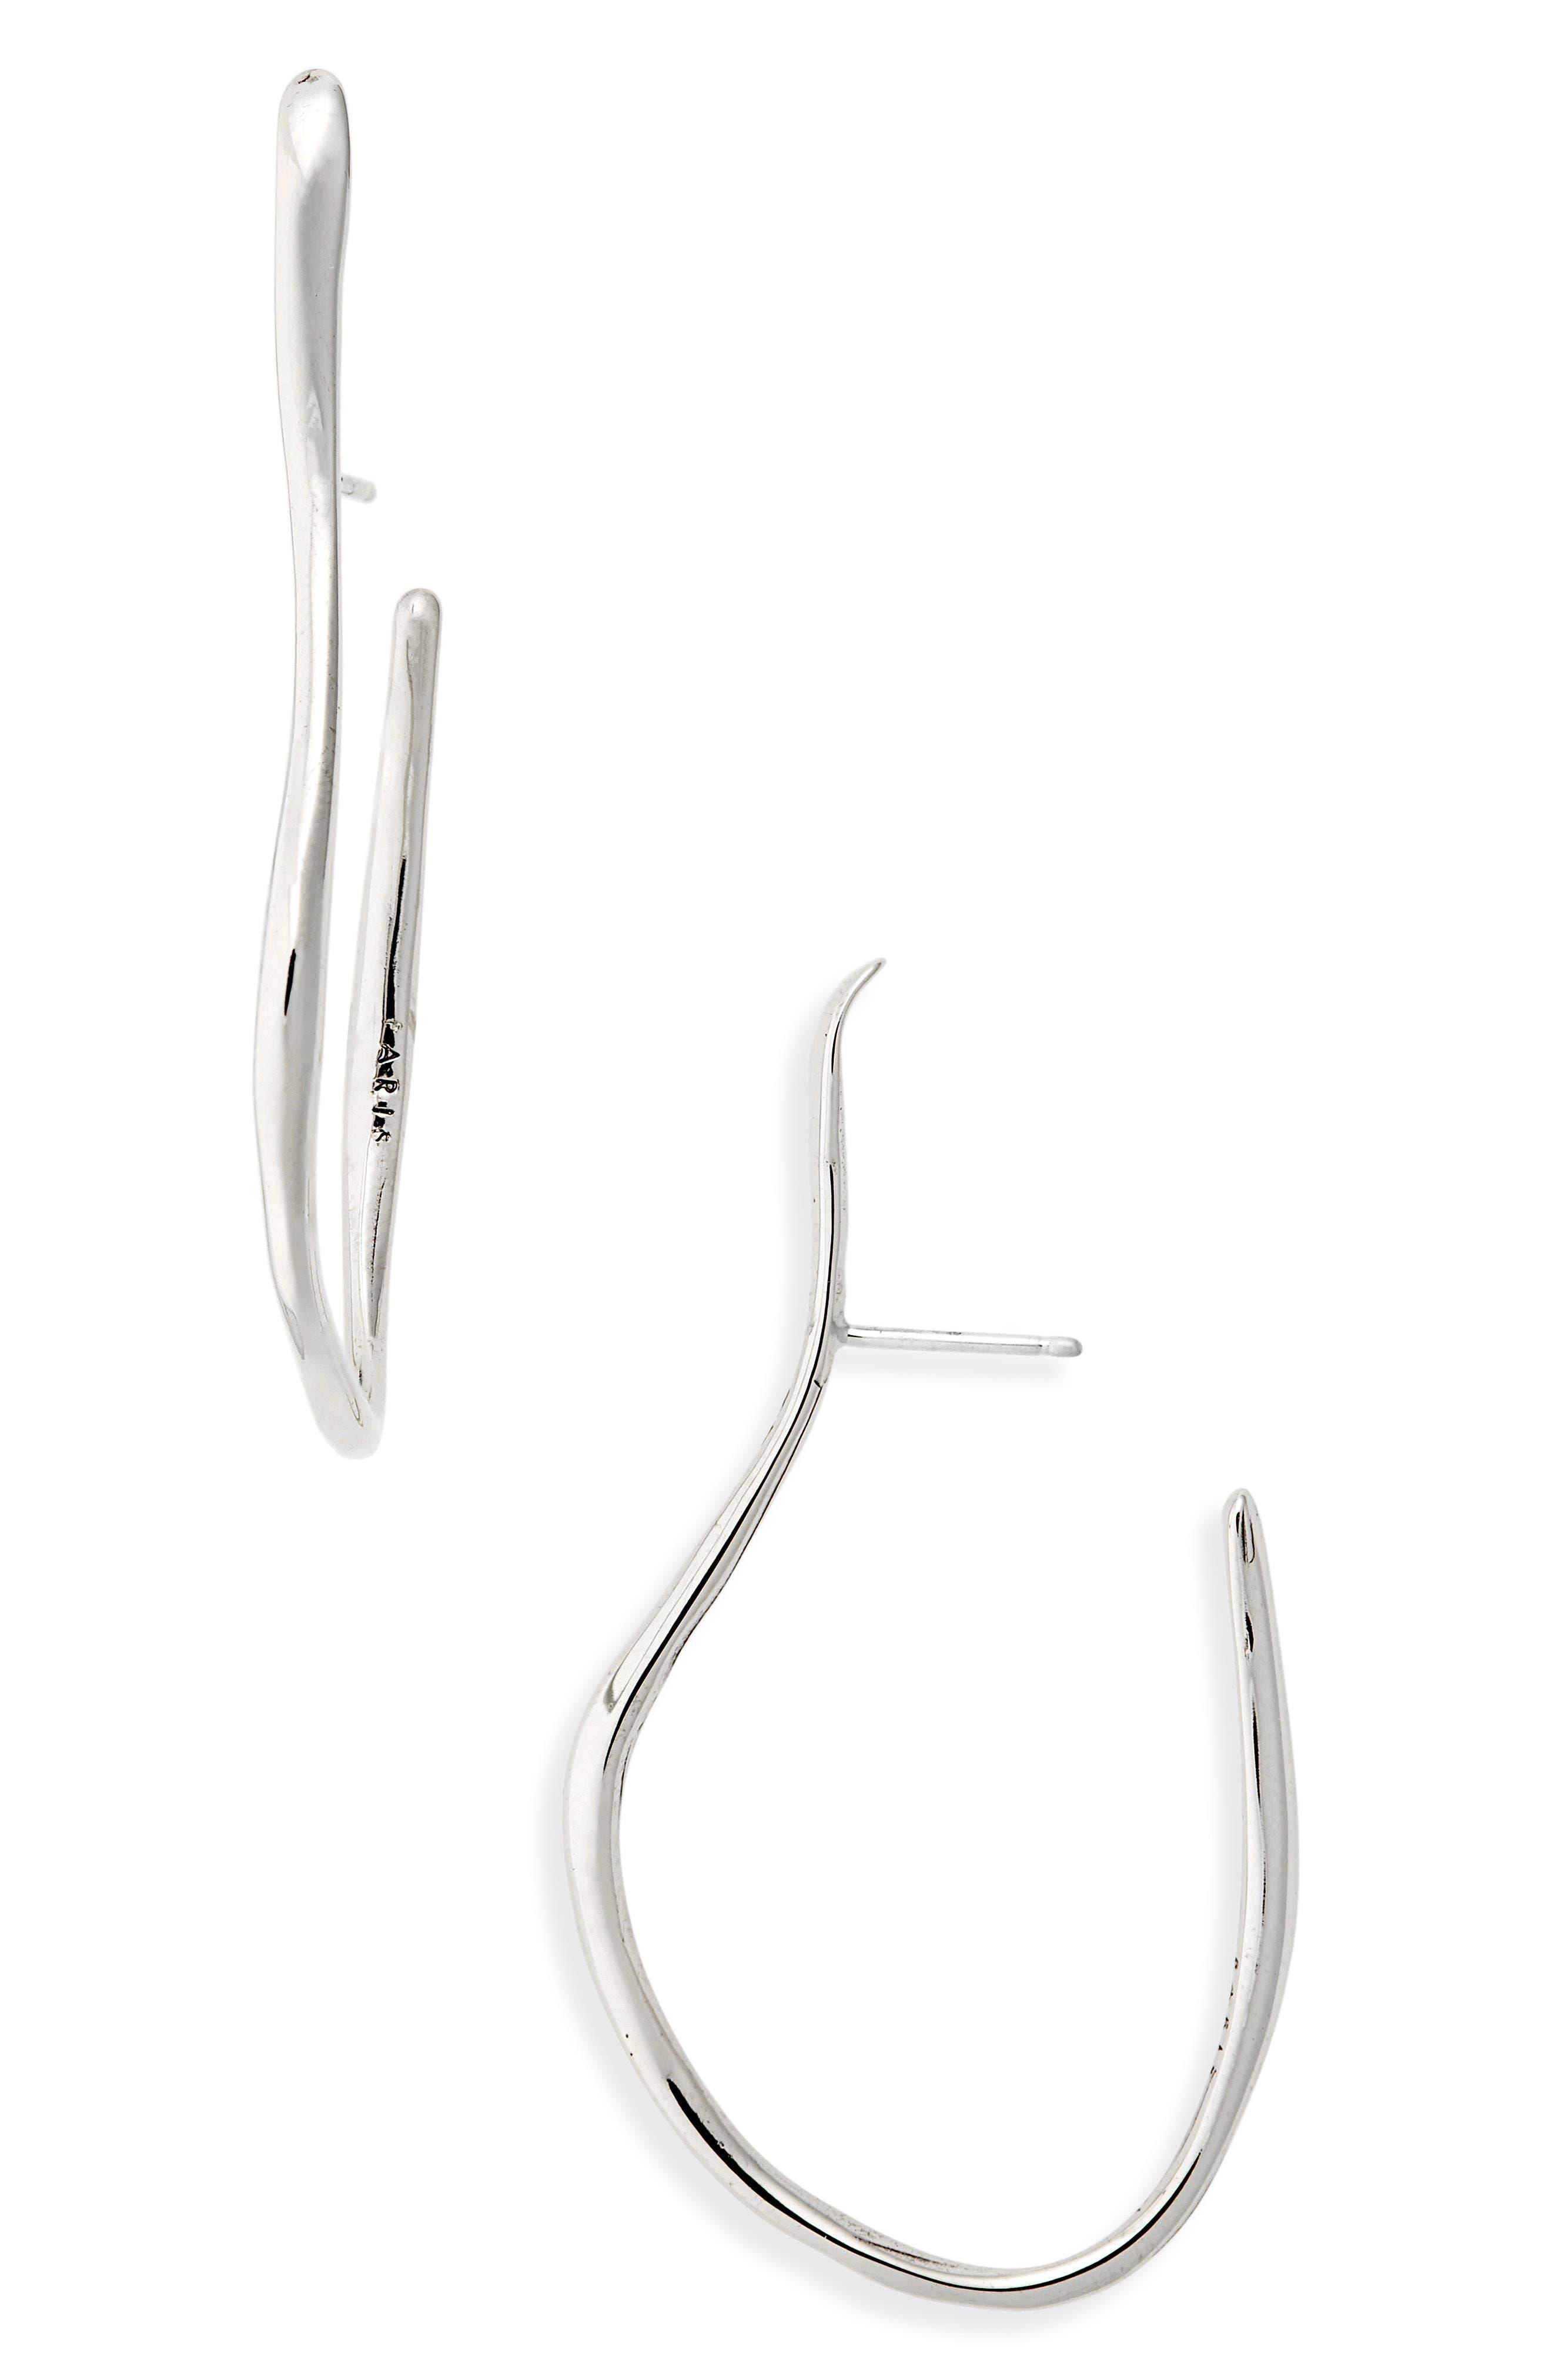 FARIS Vinea Hook Earrings in Sterling Silver